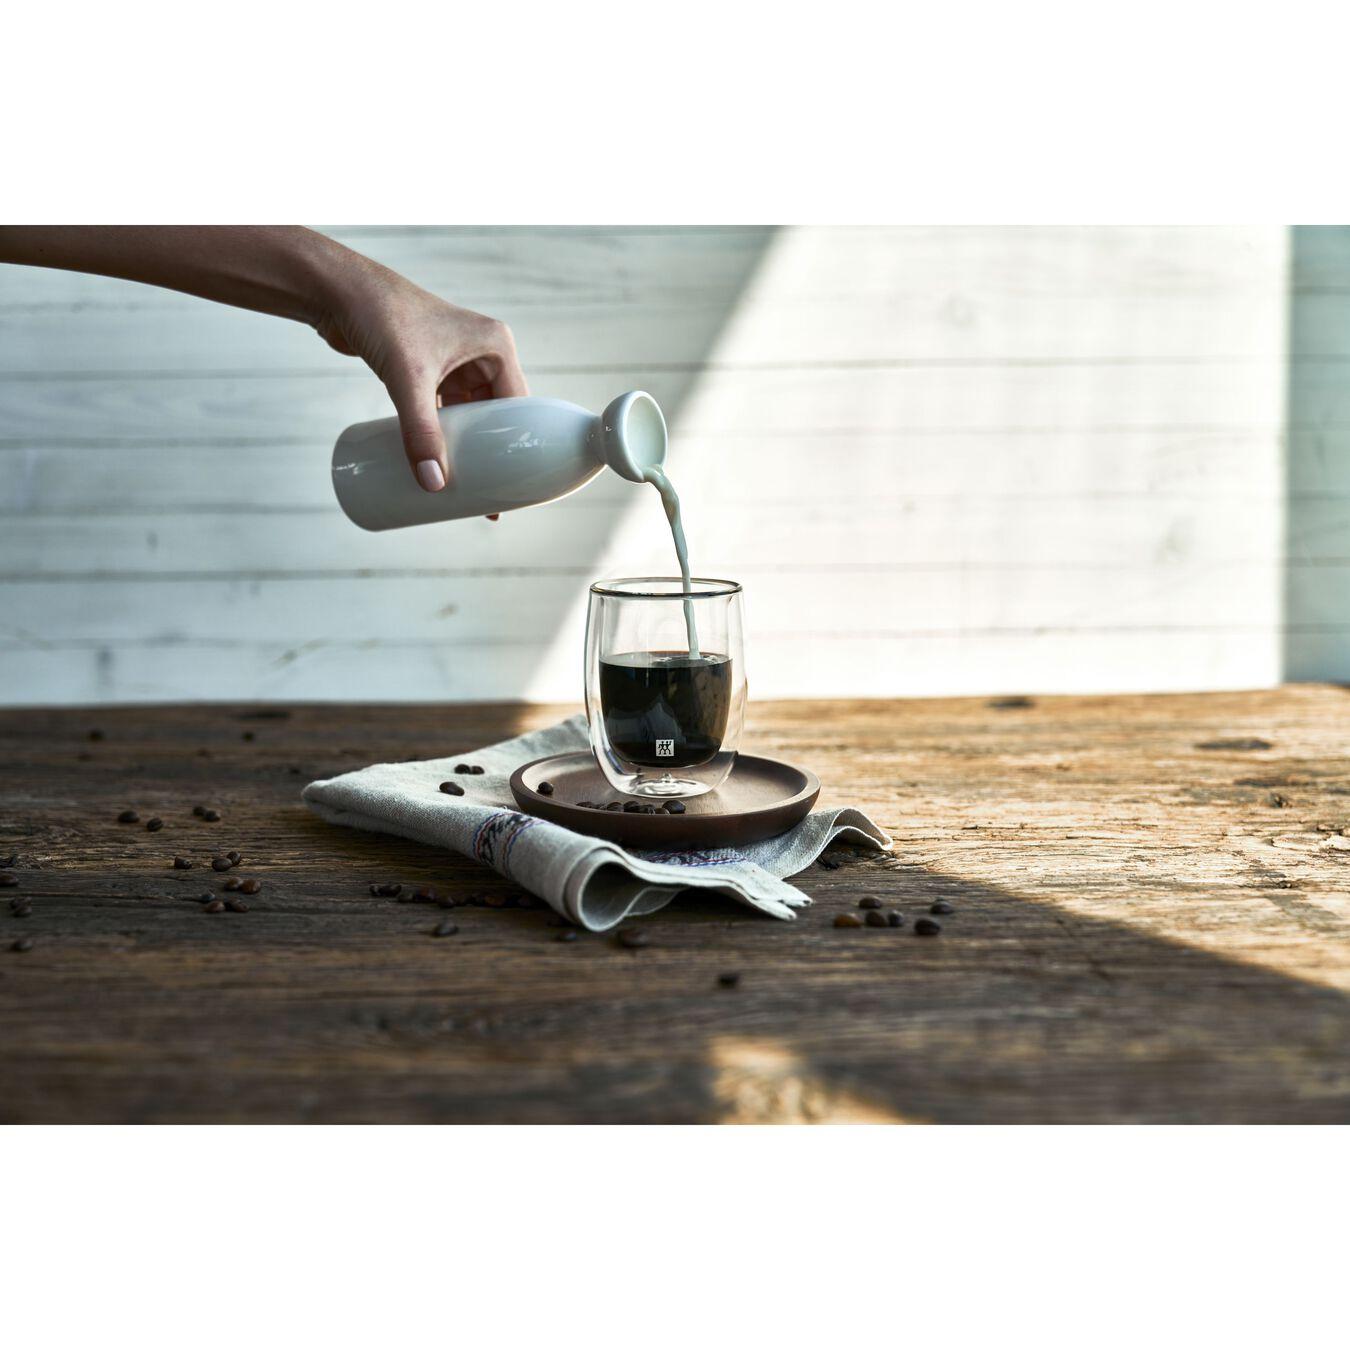 Dubbelwandig Koffieglazenset, 2-delig,,large 3